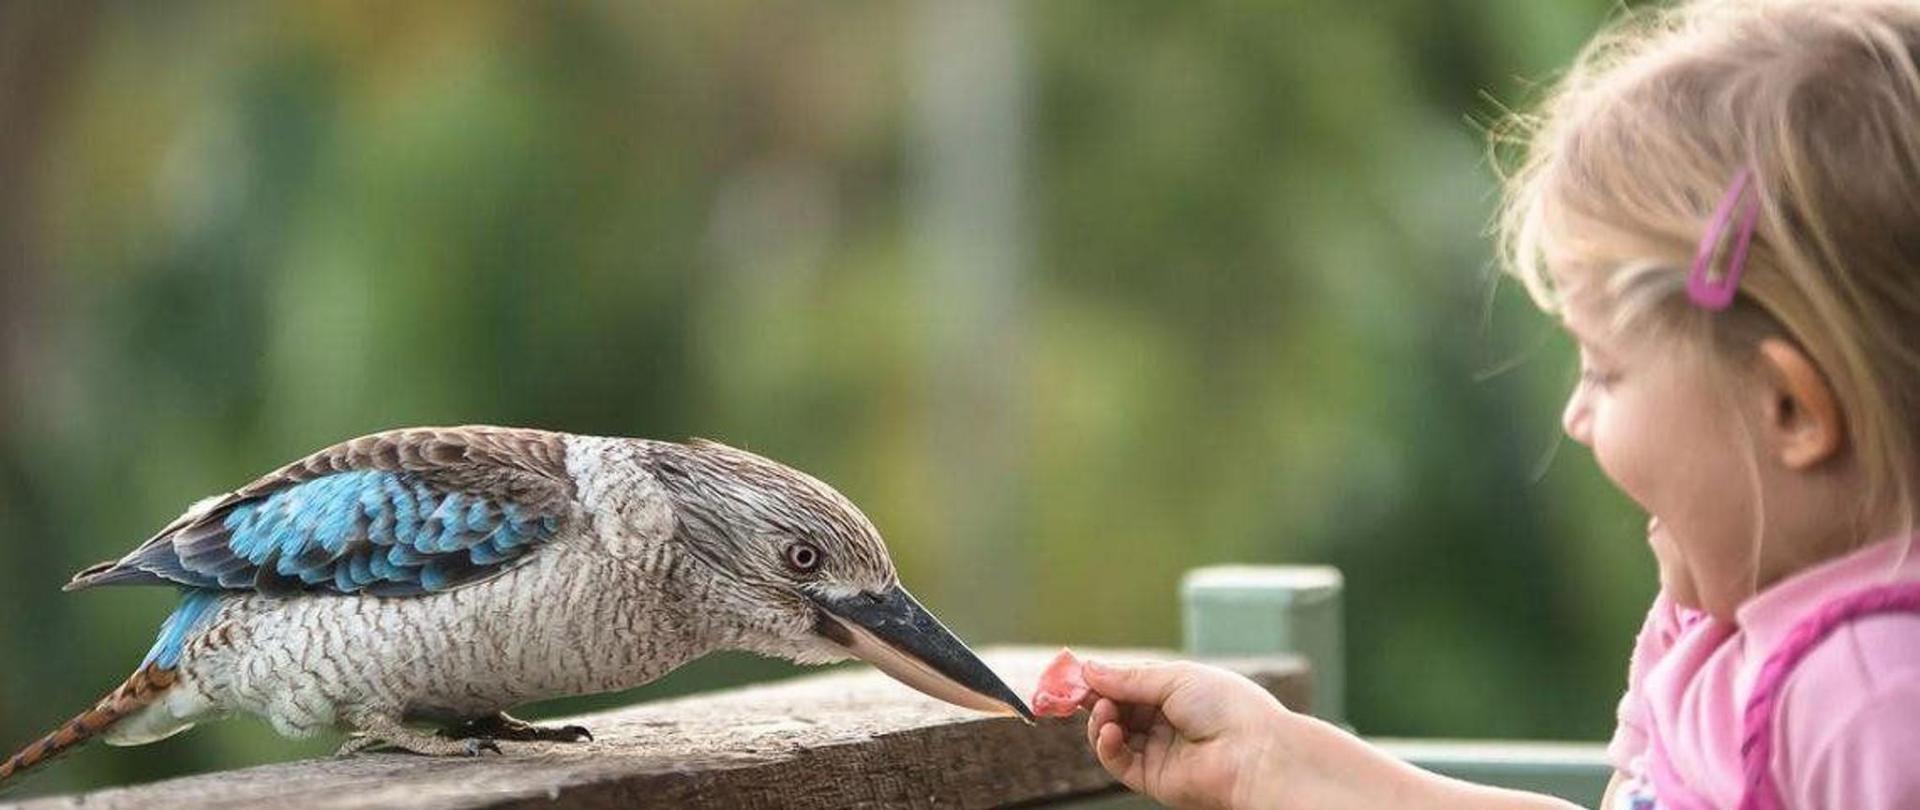 feeding-the-kookaburra.jpg